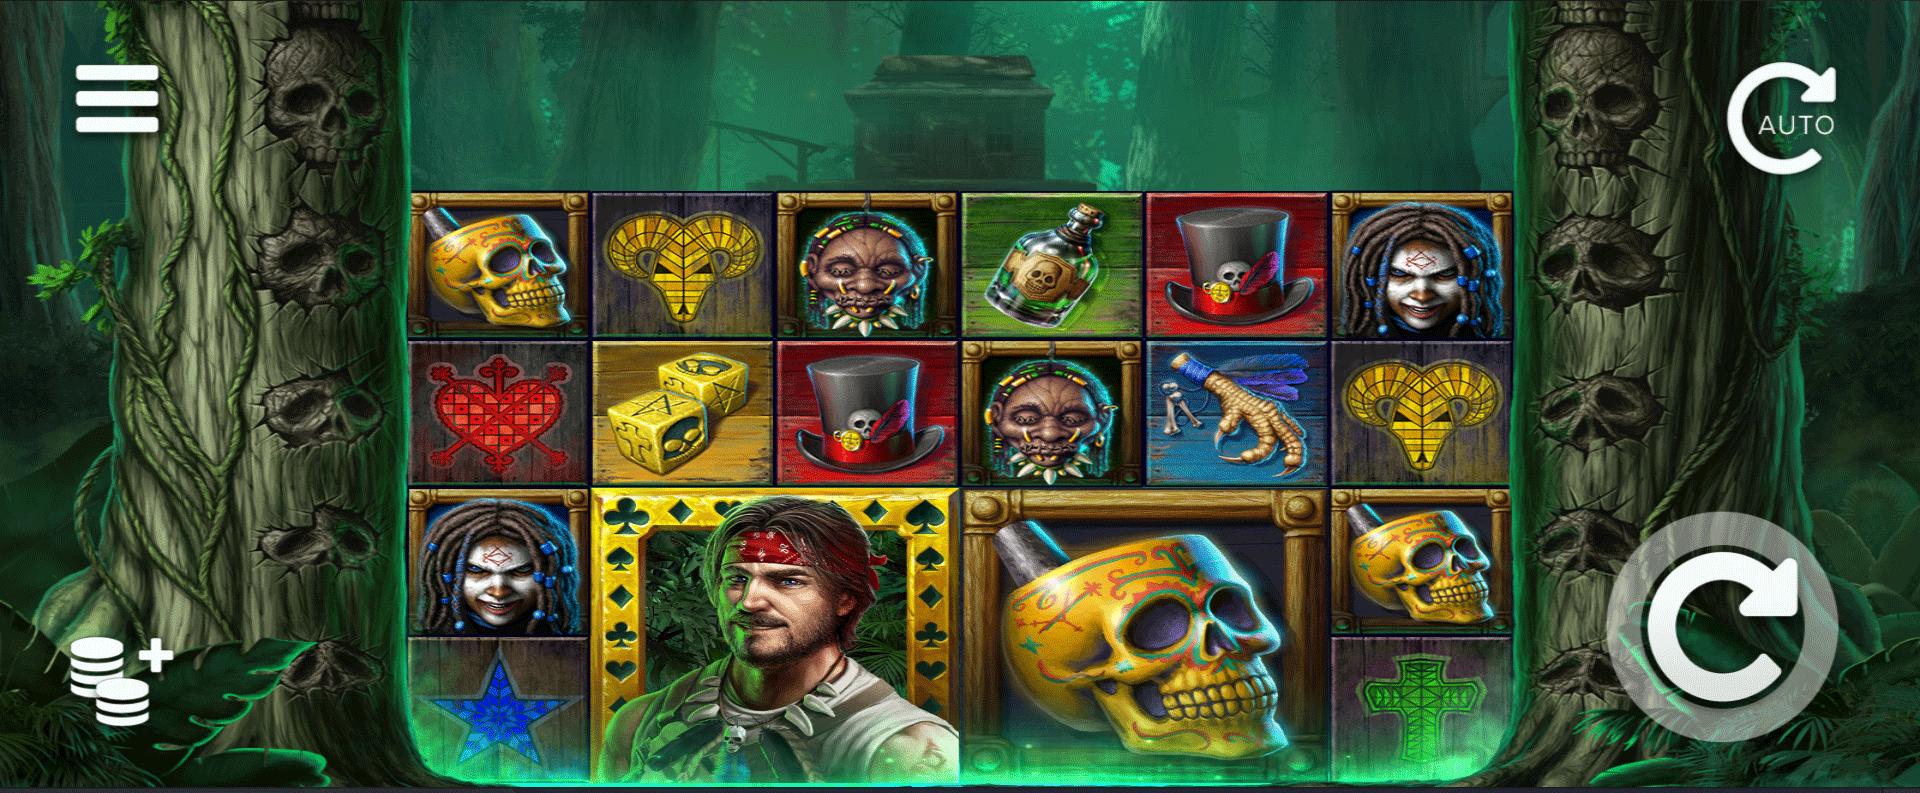 Slot Voodoo Gold